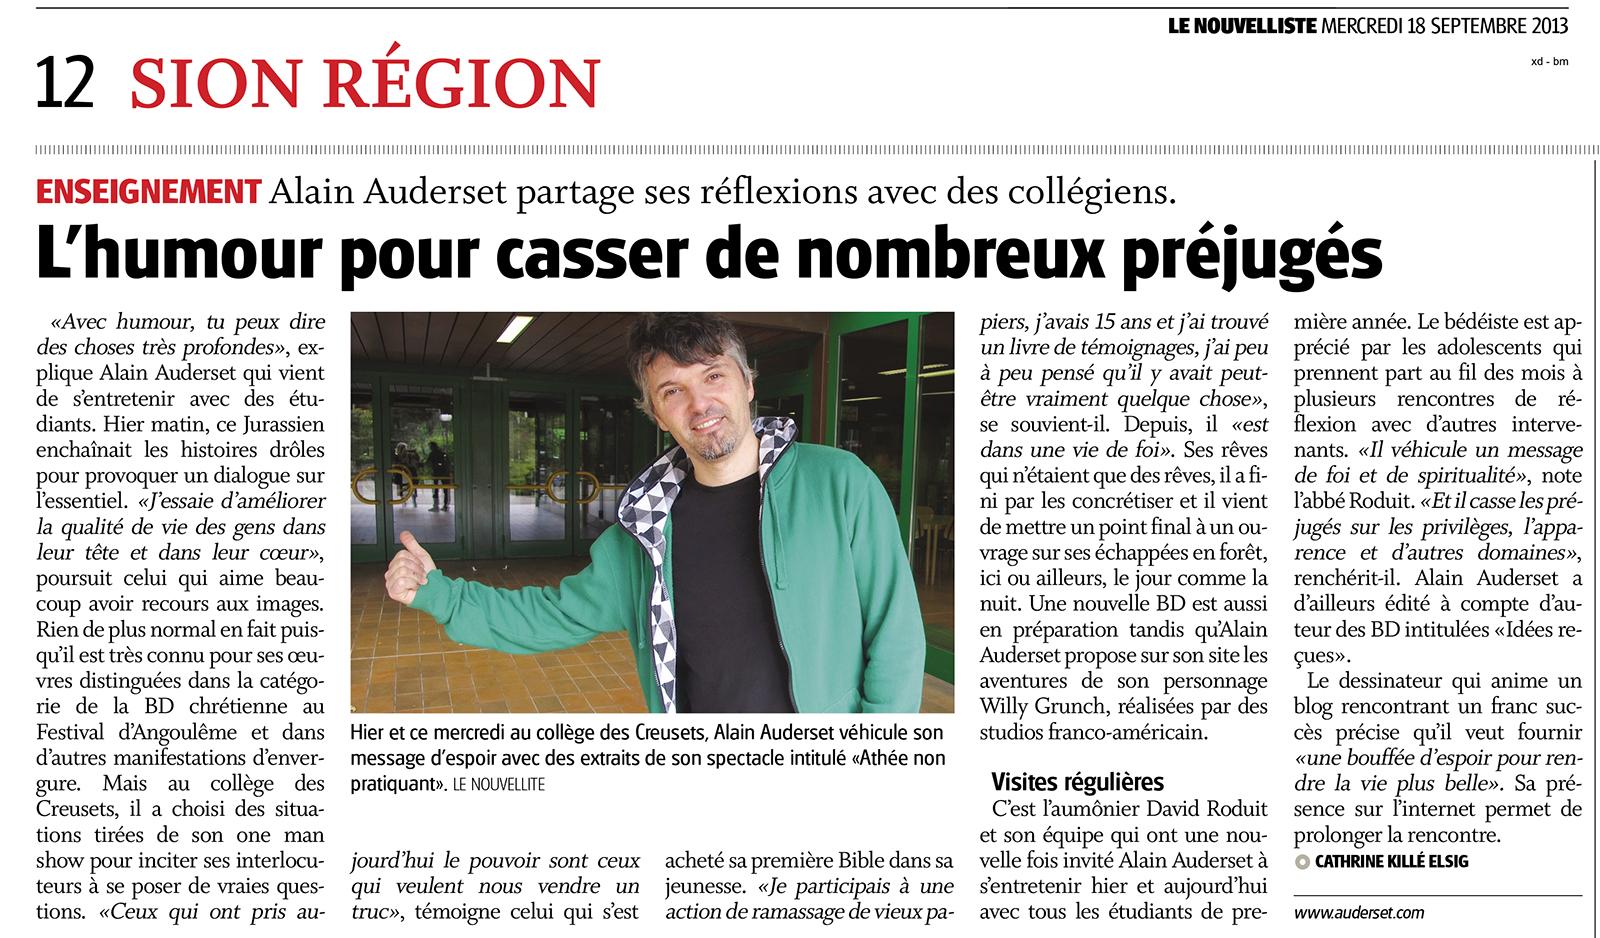 NFJ3_Mercredi_18_septembre : Le Nouvelliste : 12 : Page 12